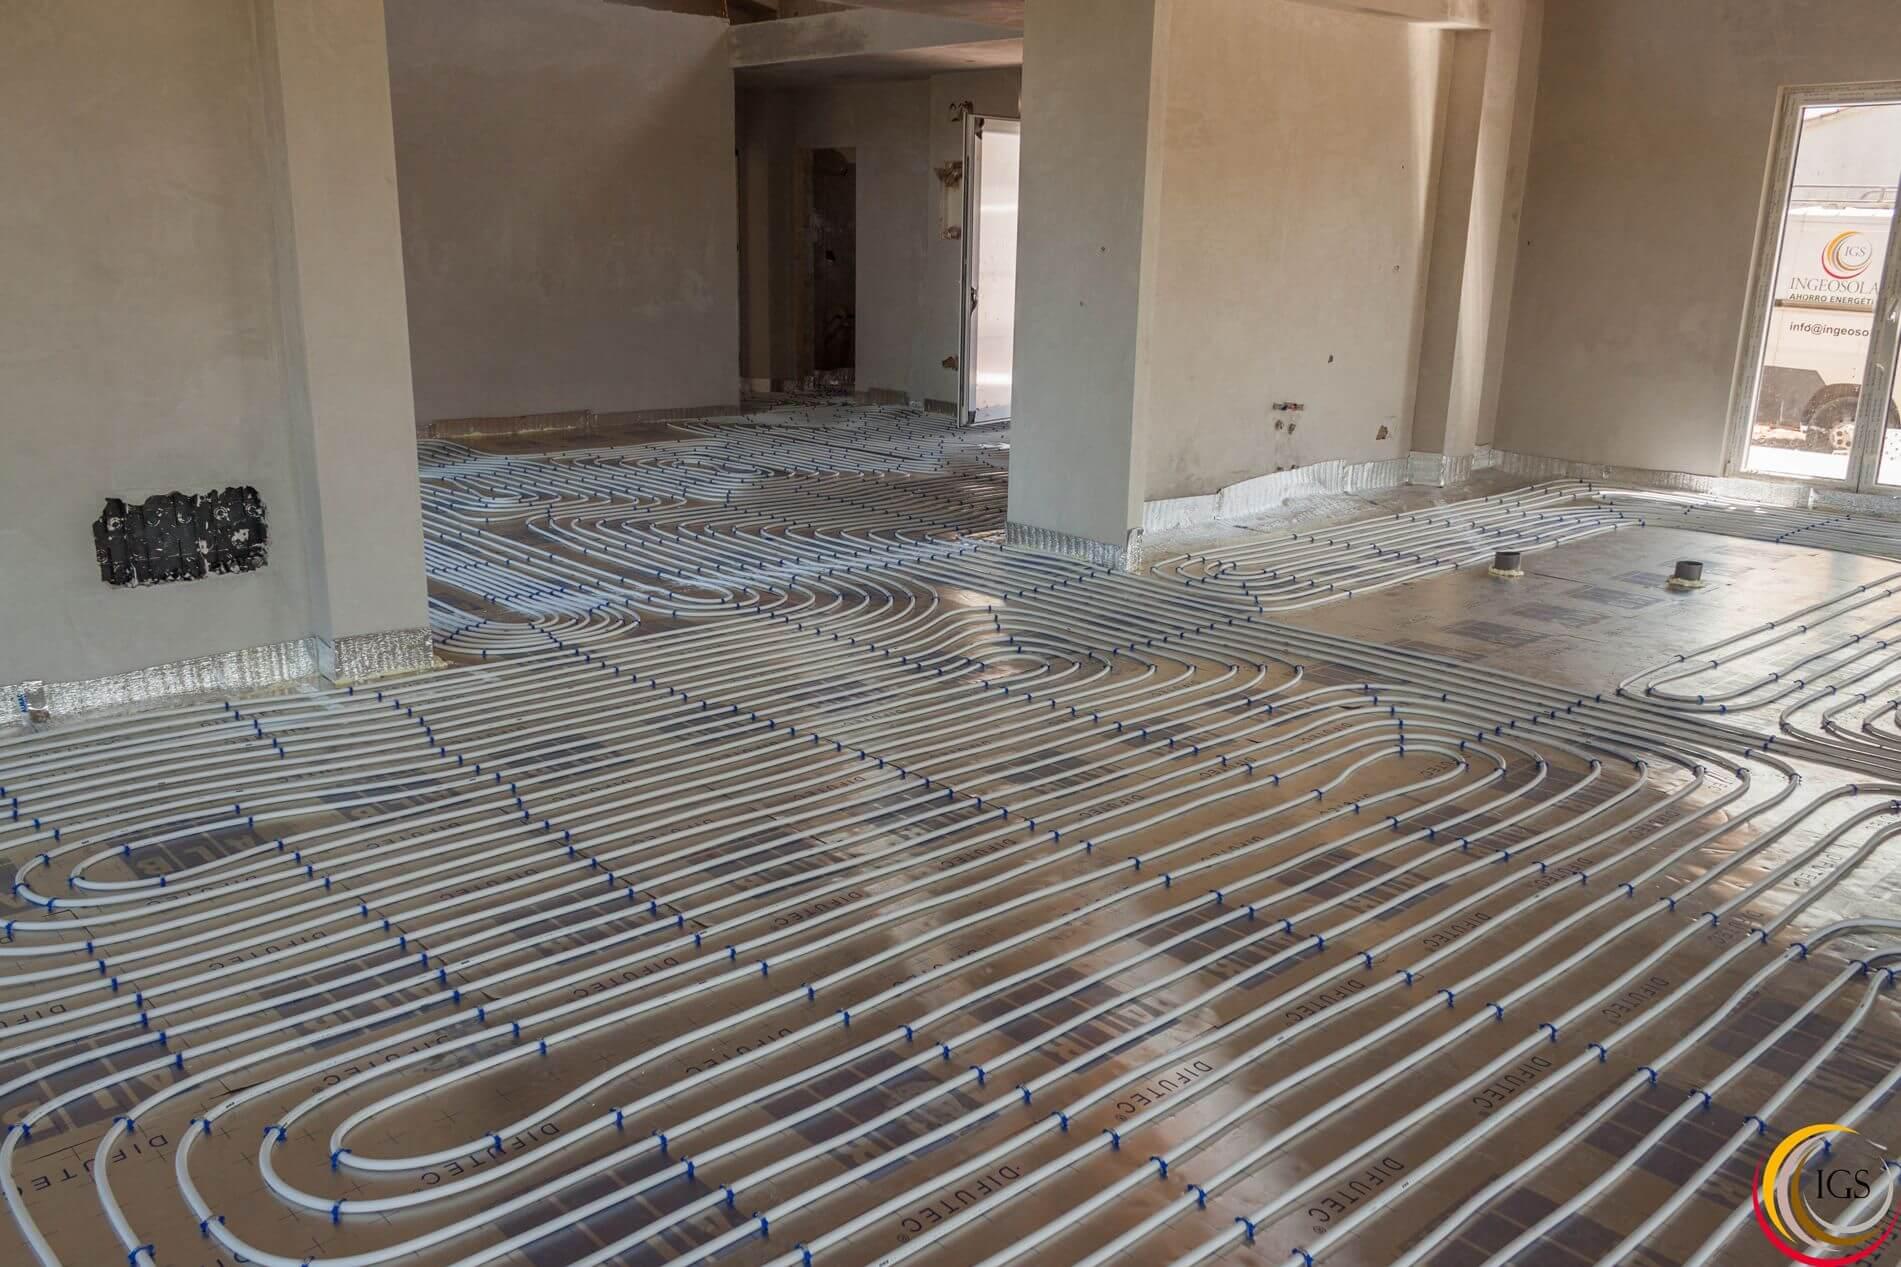 Suelo radiante finalizada nueva instalaci n de suelo radiante en cantabria ingeosolar ahorro - Bomba de frio para suelo radiante ...